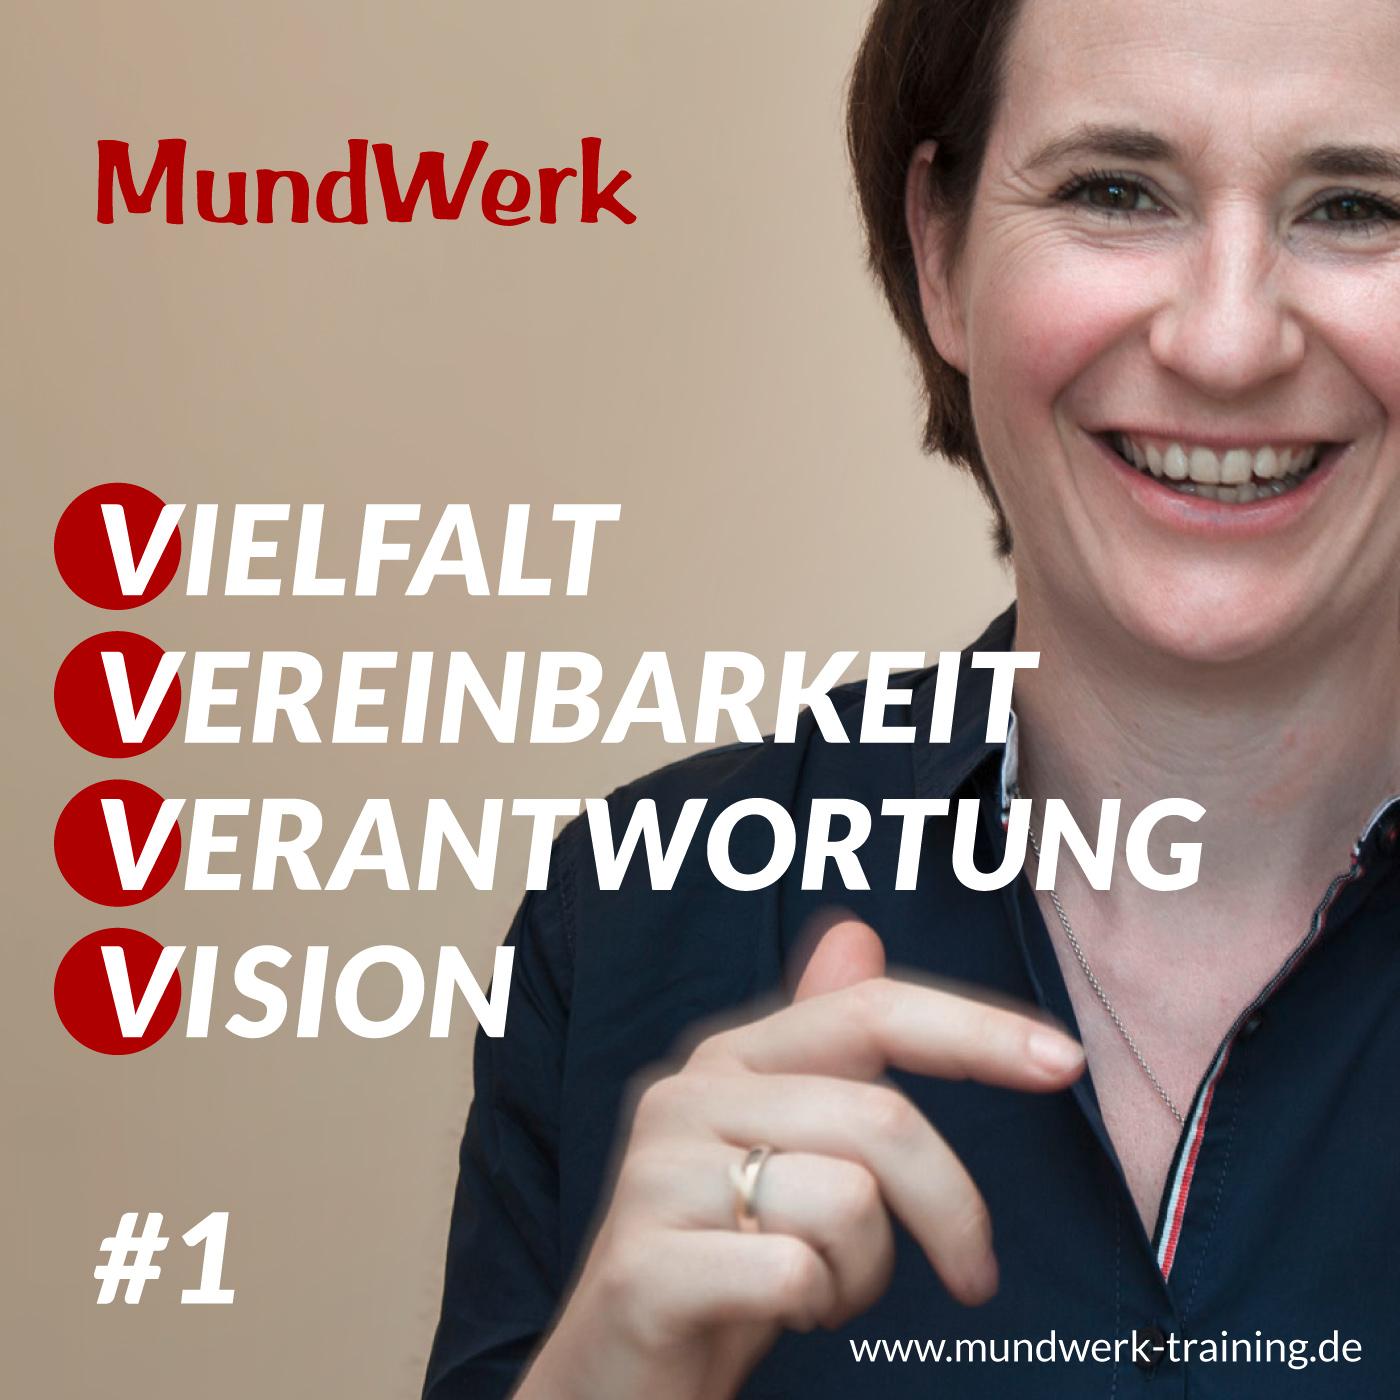 Vielfalt Vereinbarkeit Verantwortung Vision - Der Podcast mit der anderen Perspektive